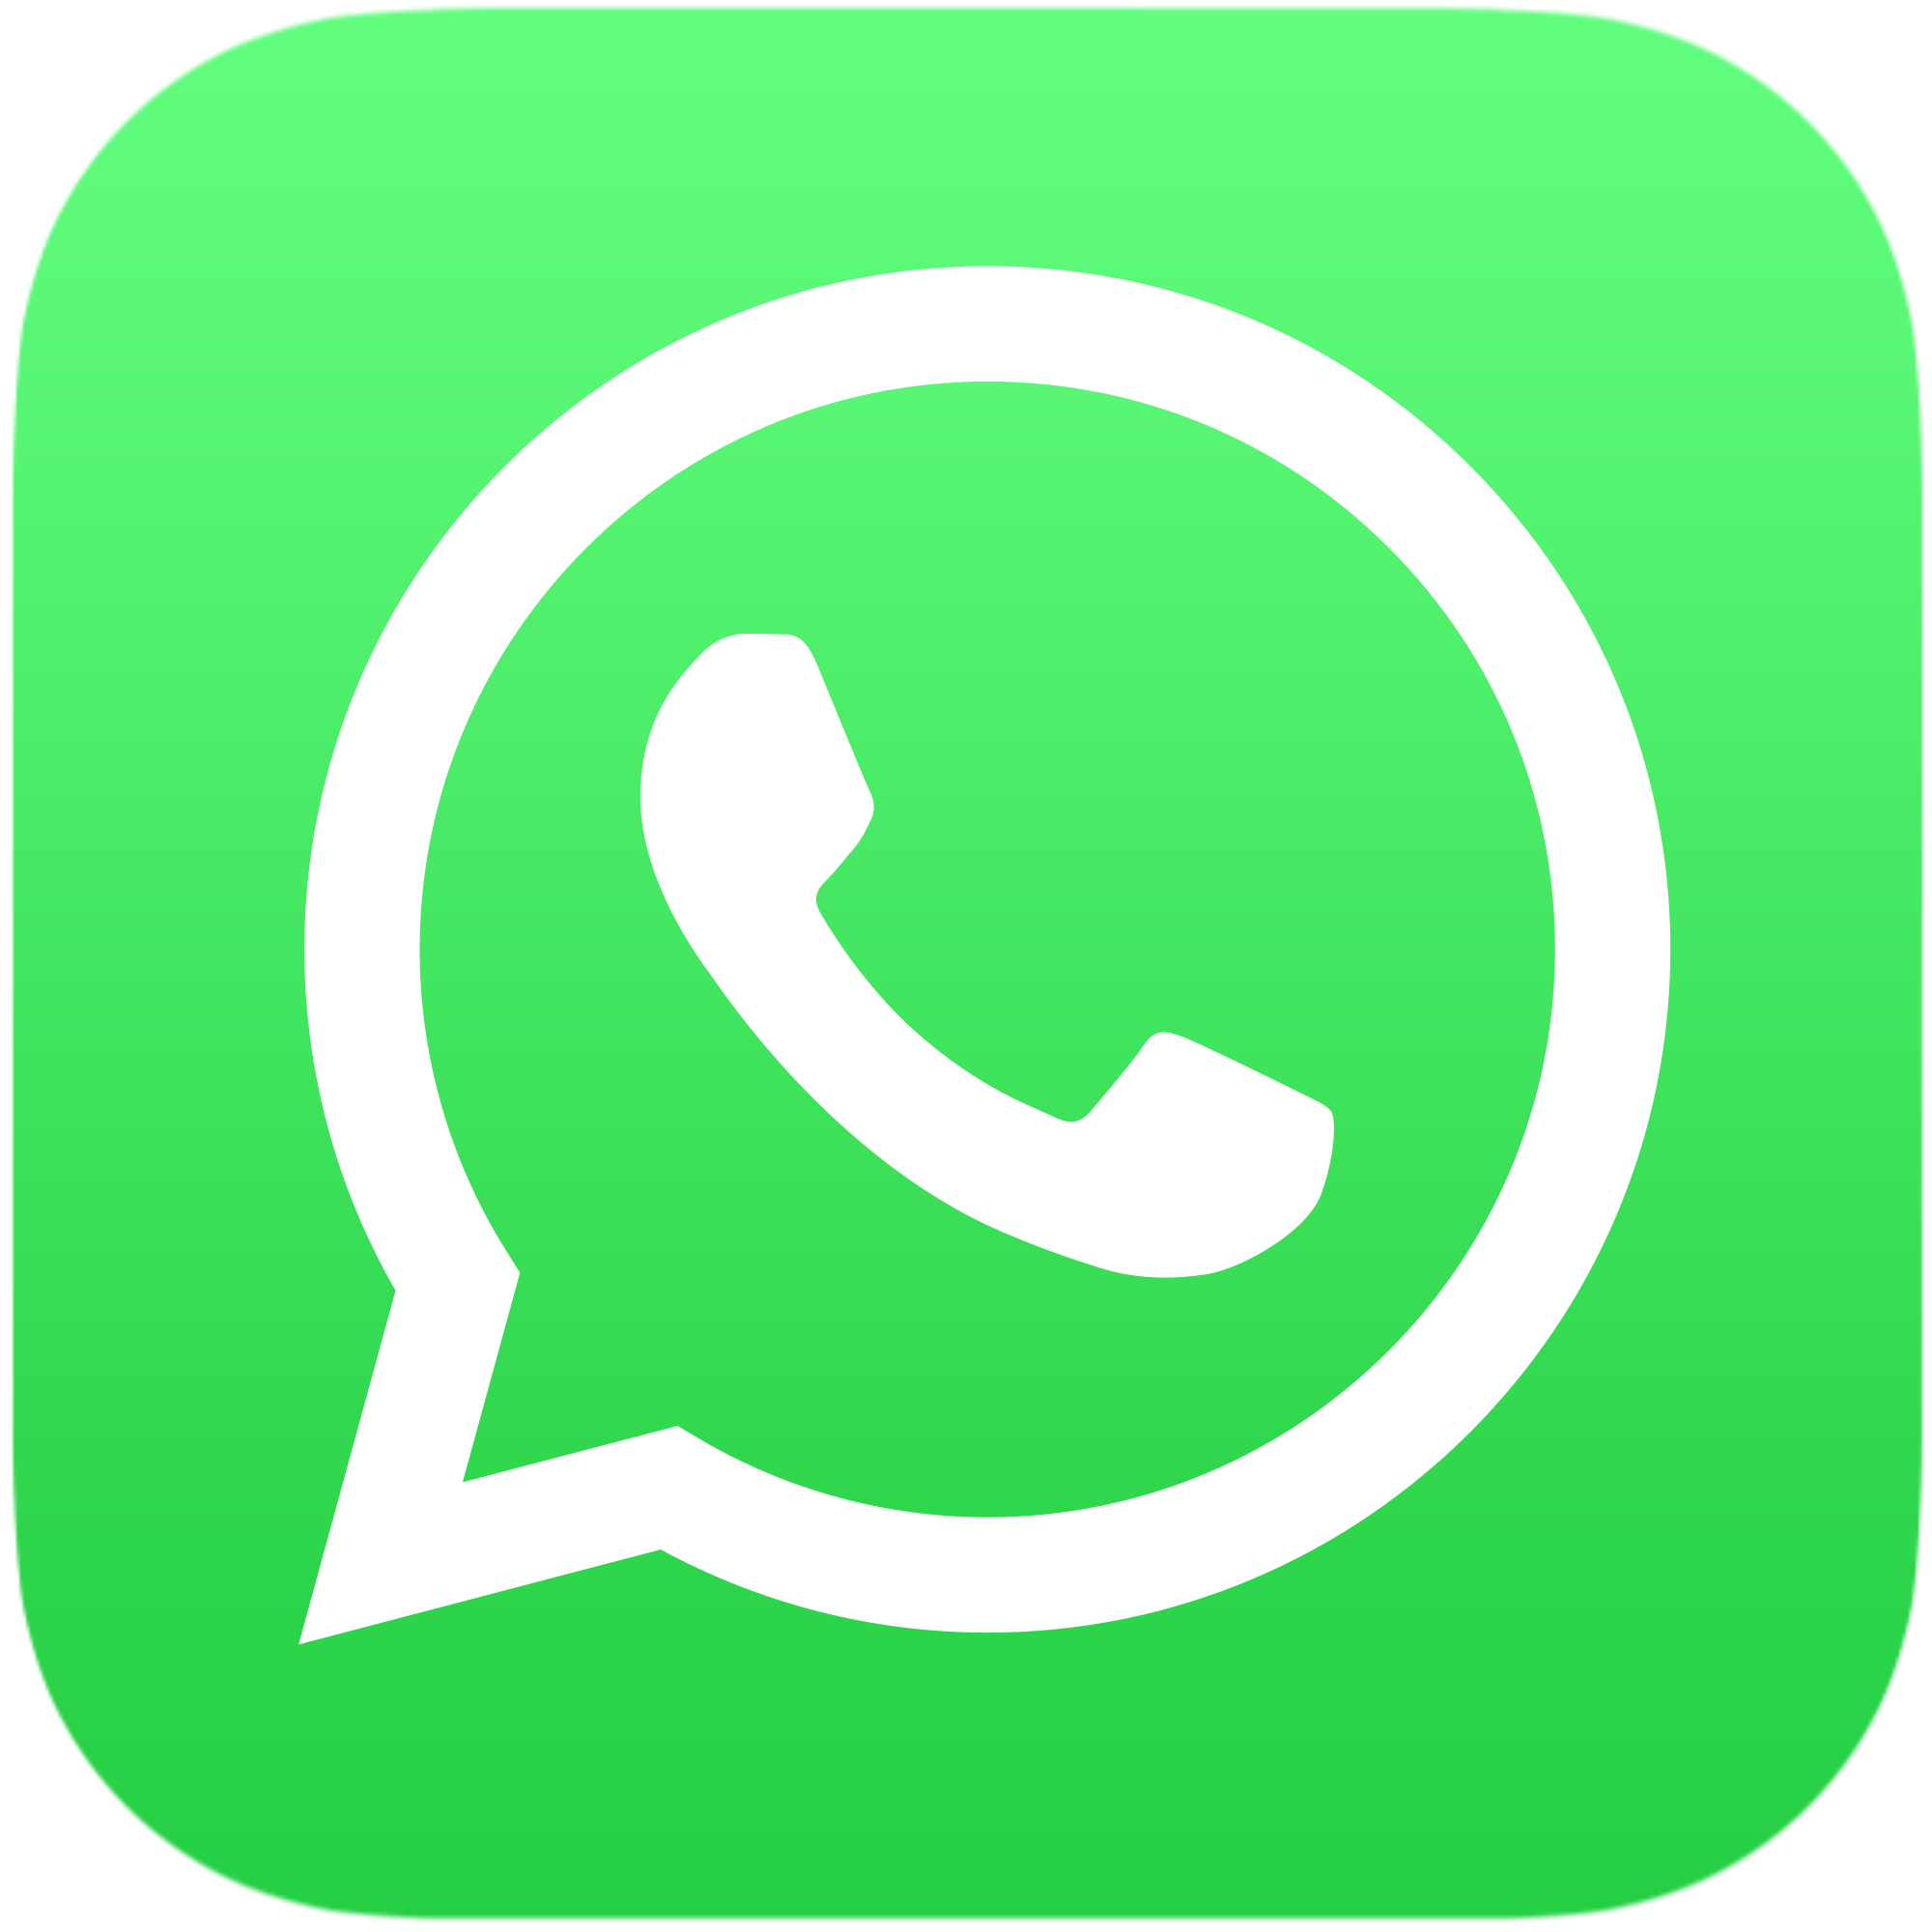 Open PlusPng.com  - Whatsapp PNG